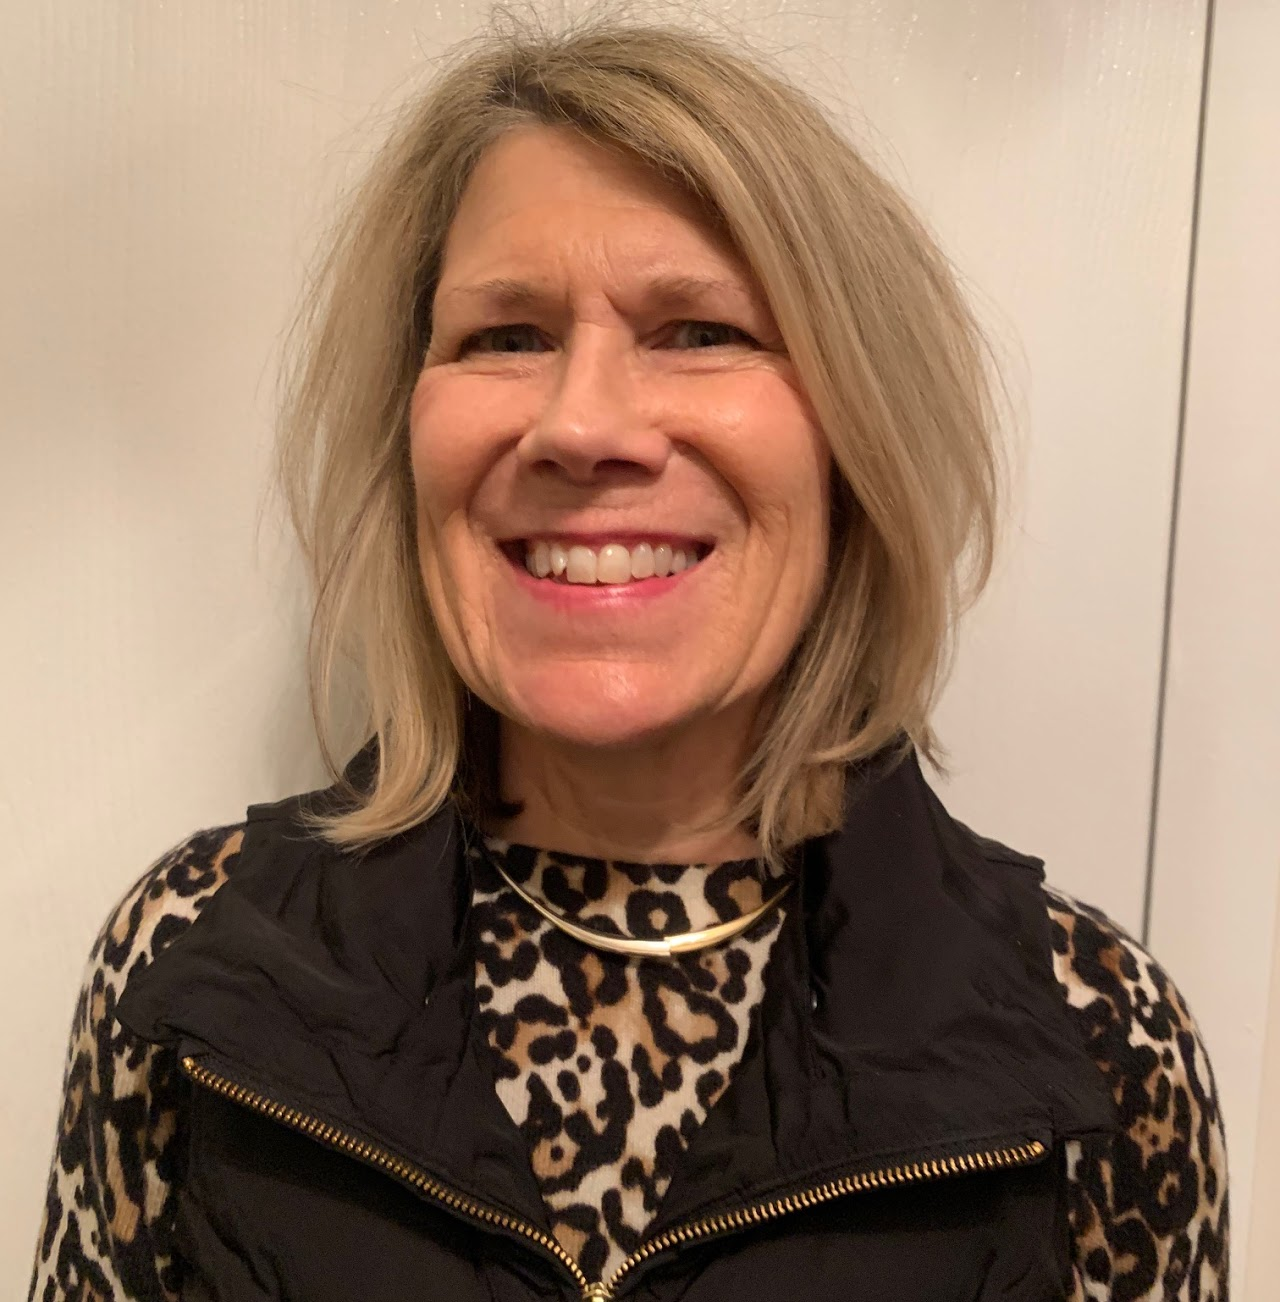 Lynn Cluskey